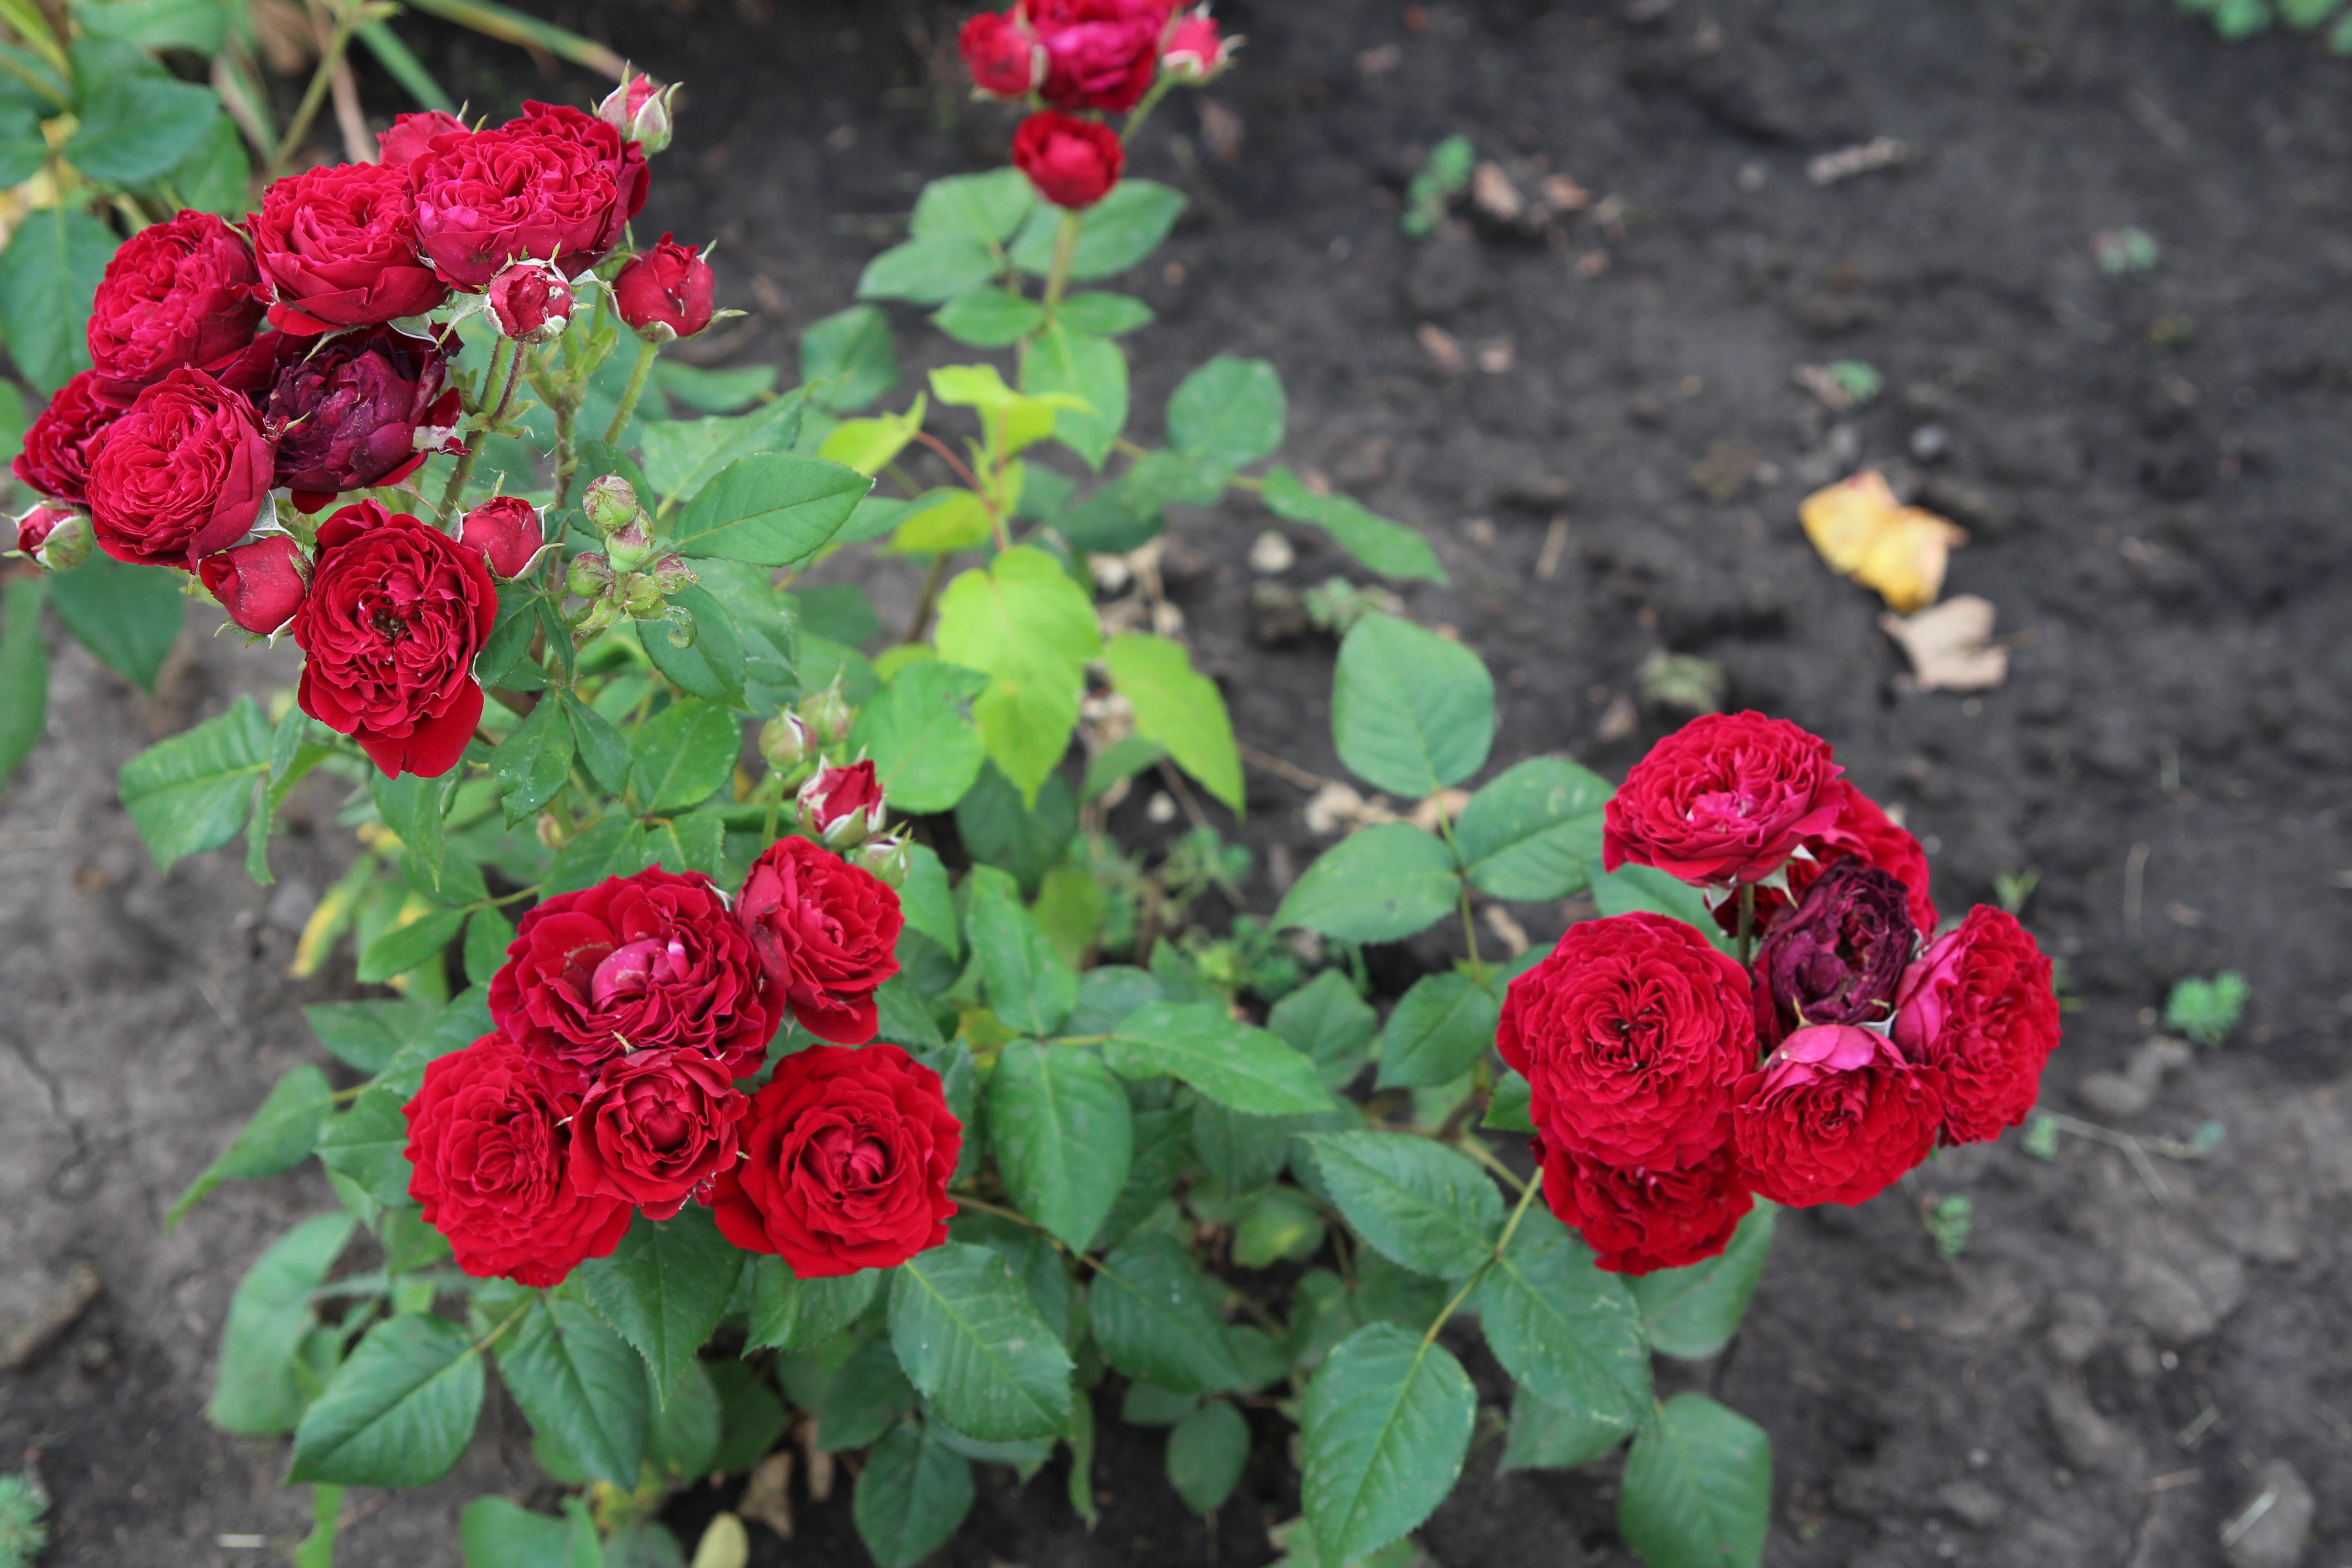 Перед воротами Эдема Две розы пышно расцвели, Но роза — страстности эмблема, А страстность — детище земли.